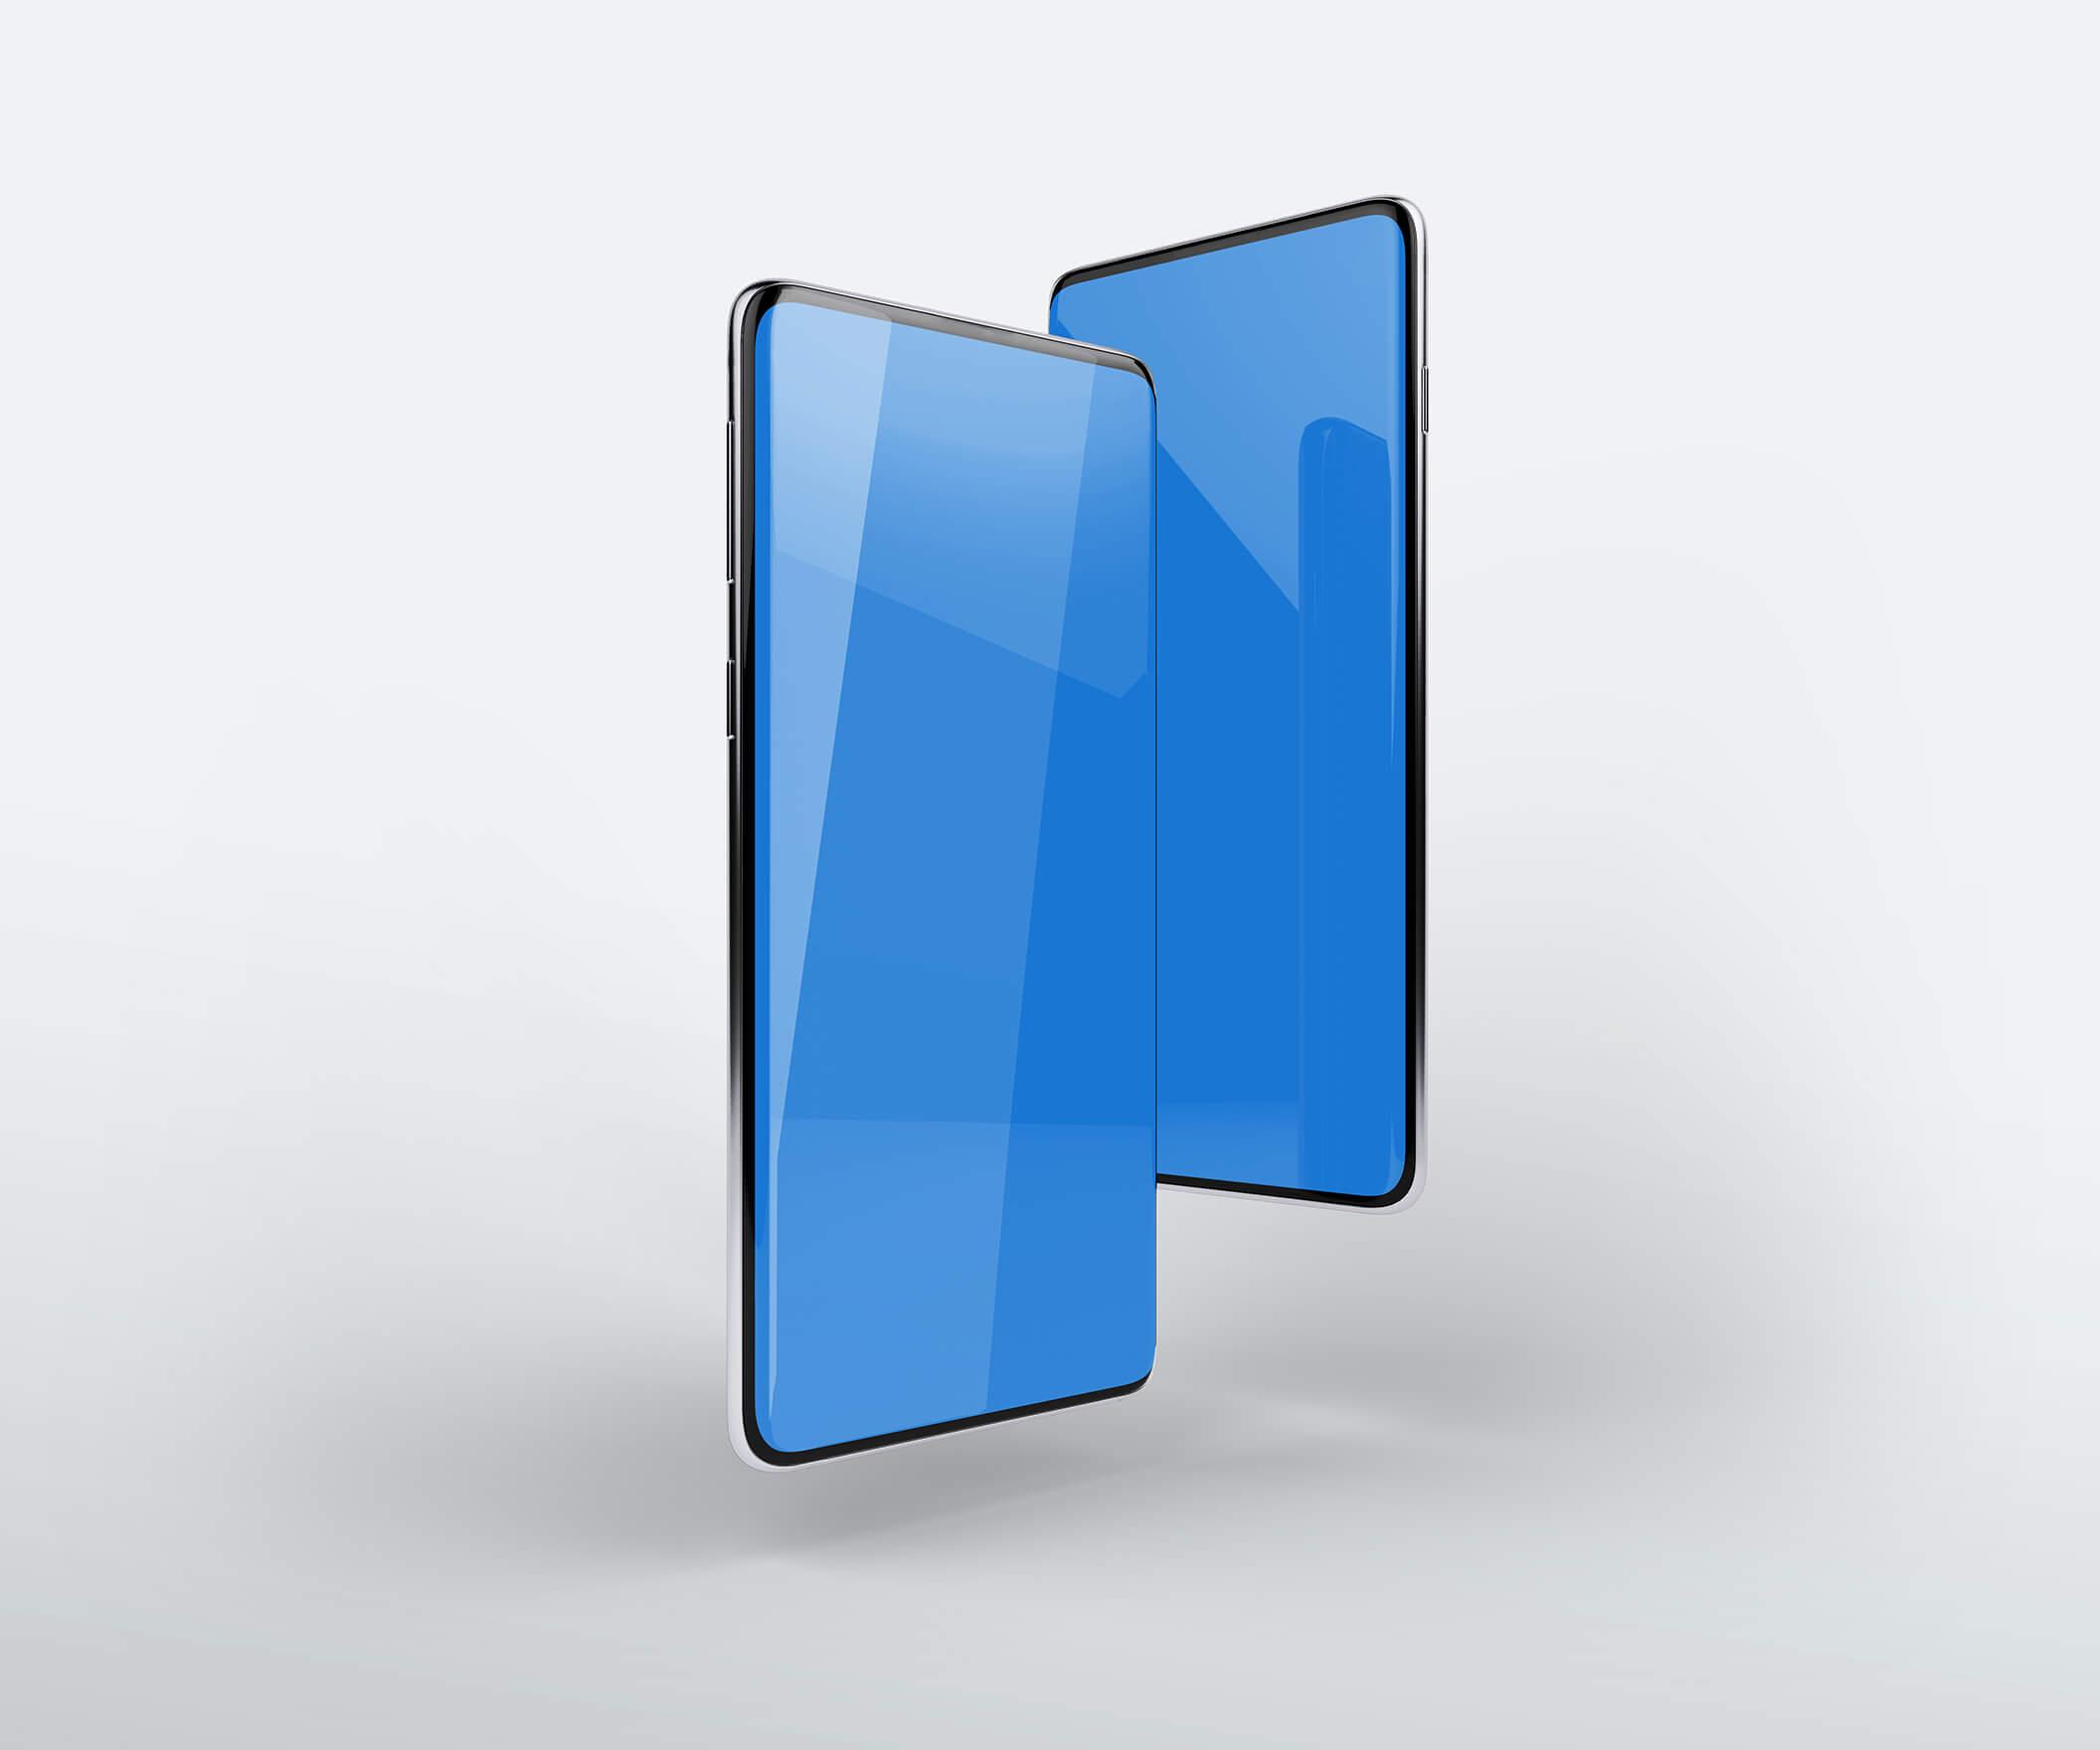 三星Galaxy S10最小电话样机套件模版素材Minimal Phones Mockup Kit插图(11)